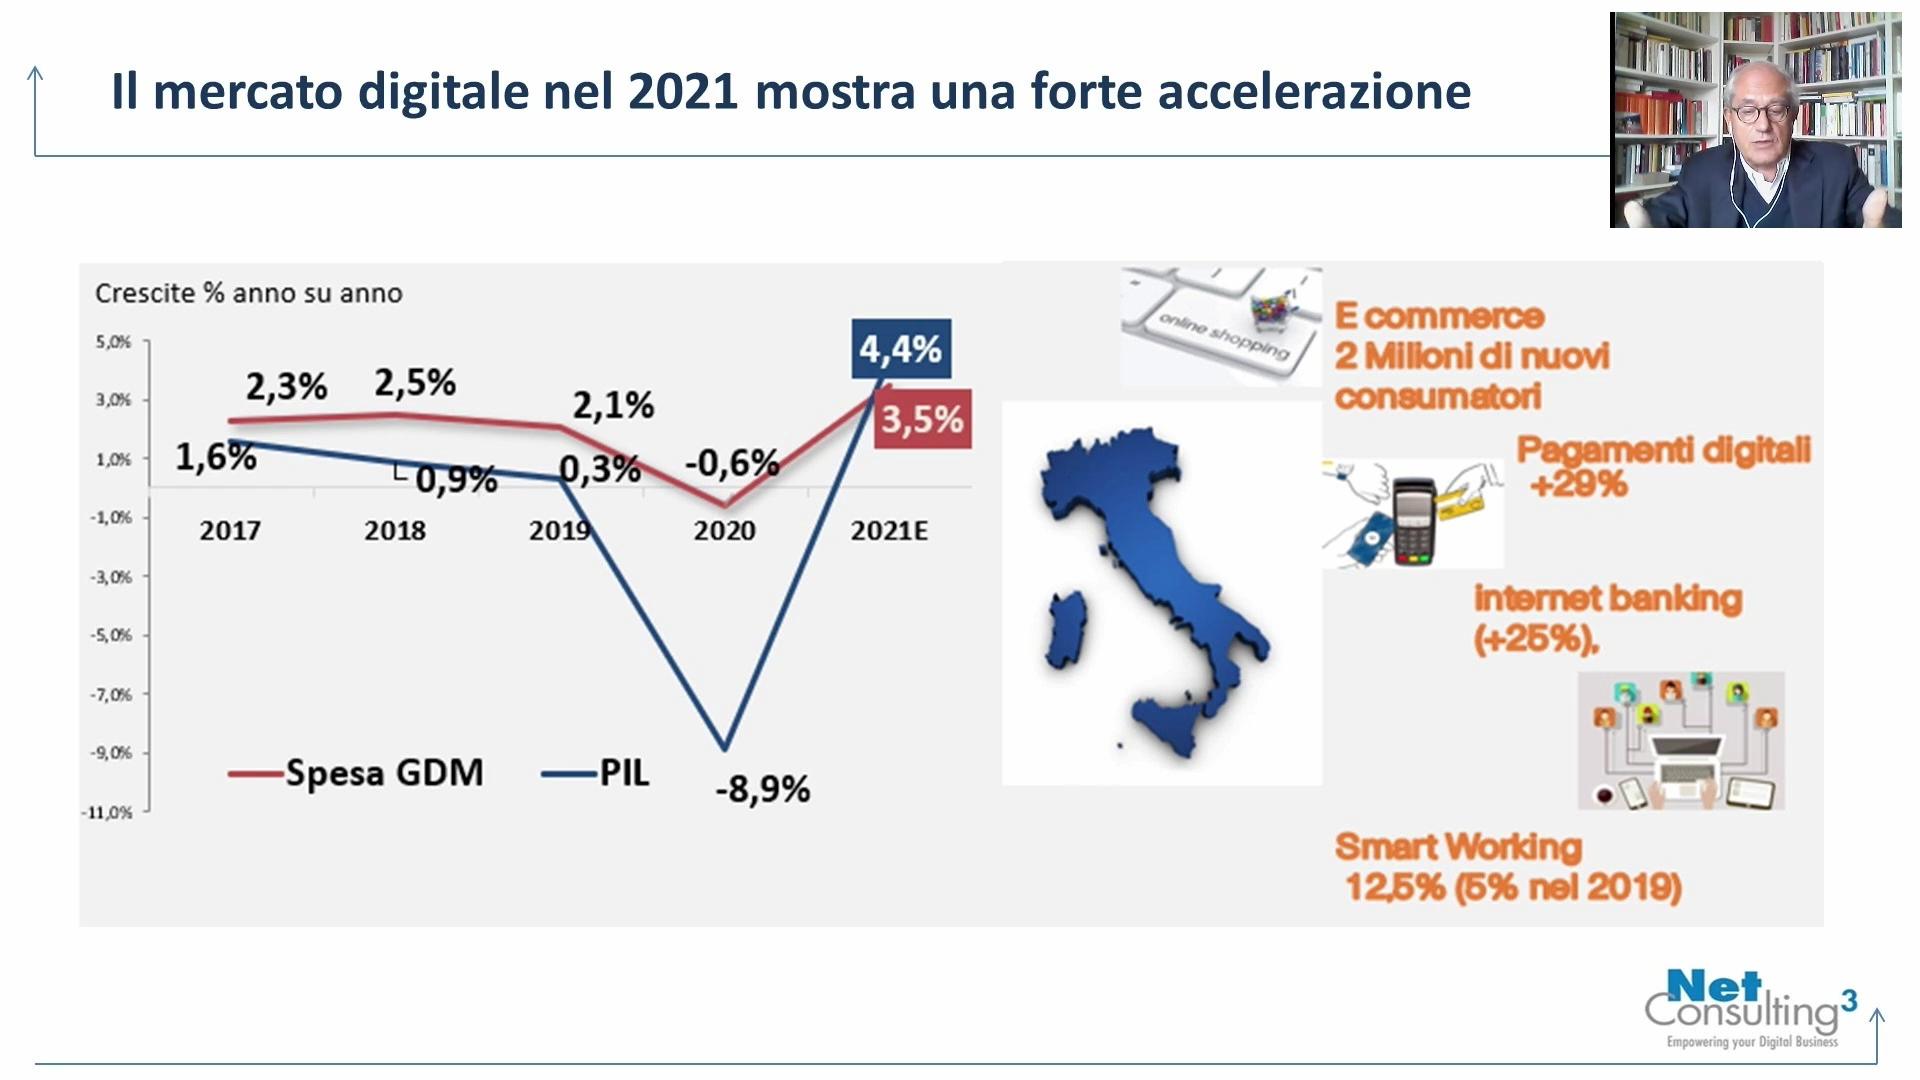 Fonte: NetConsulting cube - Il mercato digitale nel 2021